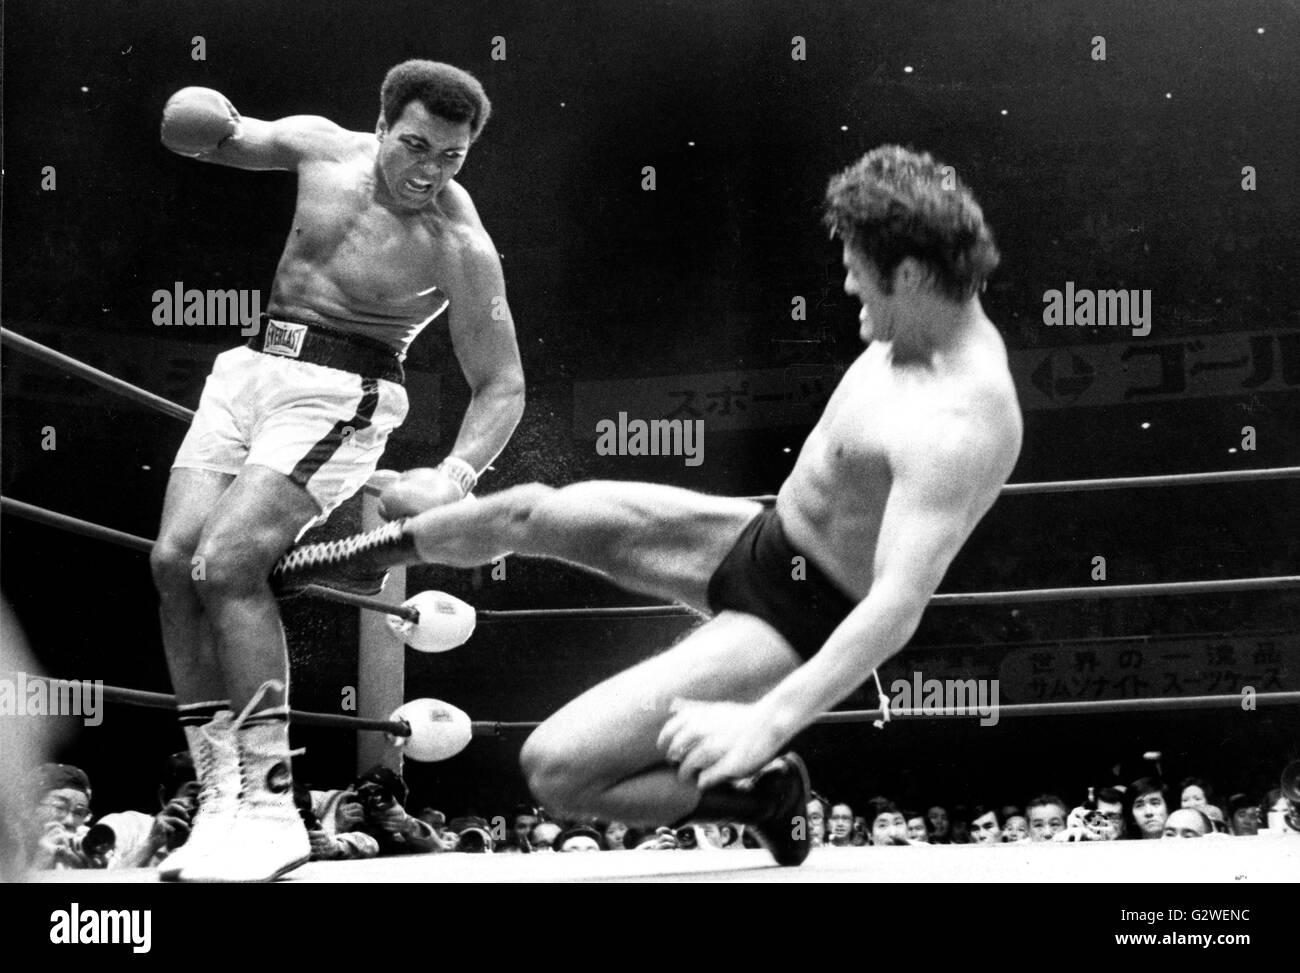 Avril 11, 1956 - Tokyo, Japon - Muhammad Ali ou Cassius Clay, le boxeur comme dominante des années 1960 et 1970, Muhammad Ali a remporté une médaille d'or olympique, capturé le monde professionnel Heavyweight Championship à trois occasions, et a défendu avec succès son titre 19 fois. La photo montre Ali lors d'un combat à Tokyo, Japon. (Crédit Image: © Keystone Press Agency/Keystone USA via Crédit: ZUMAPRESS.com) ZUMA Press, Inc./Alamy Live News Banque D'Images